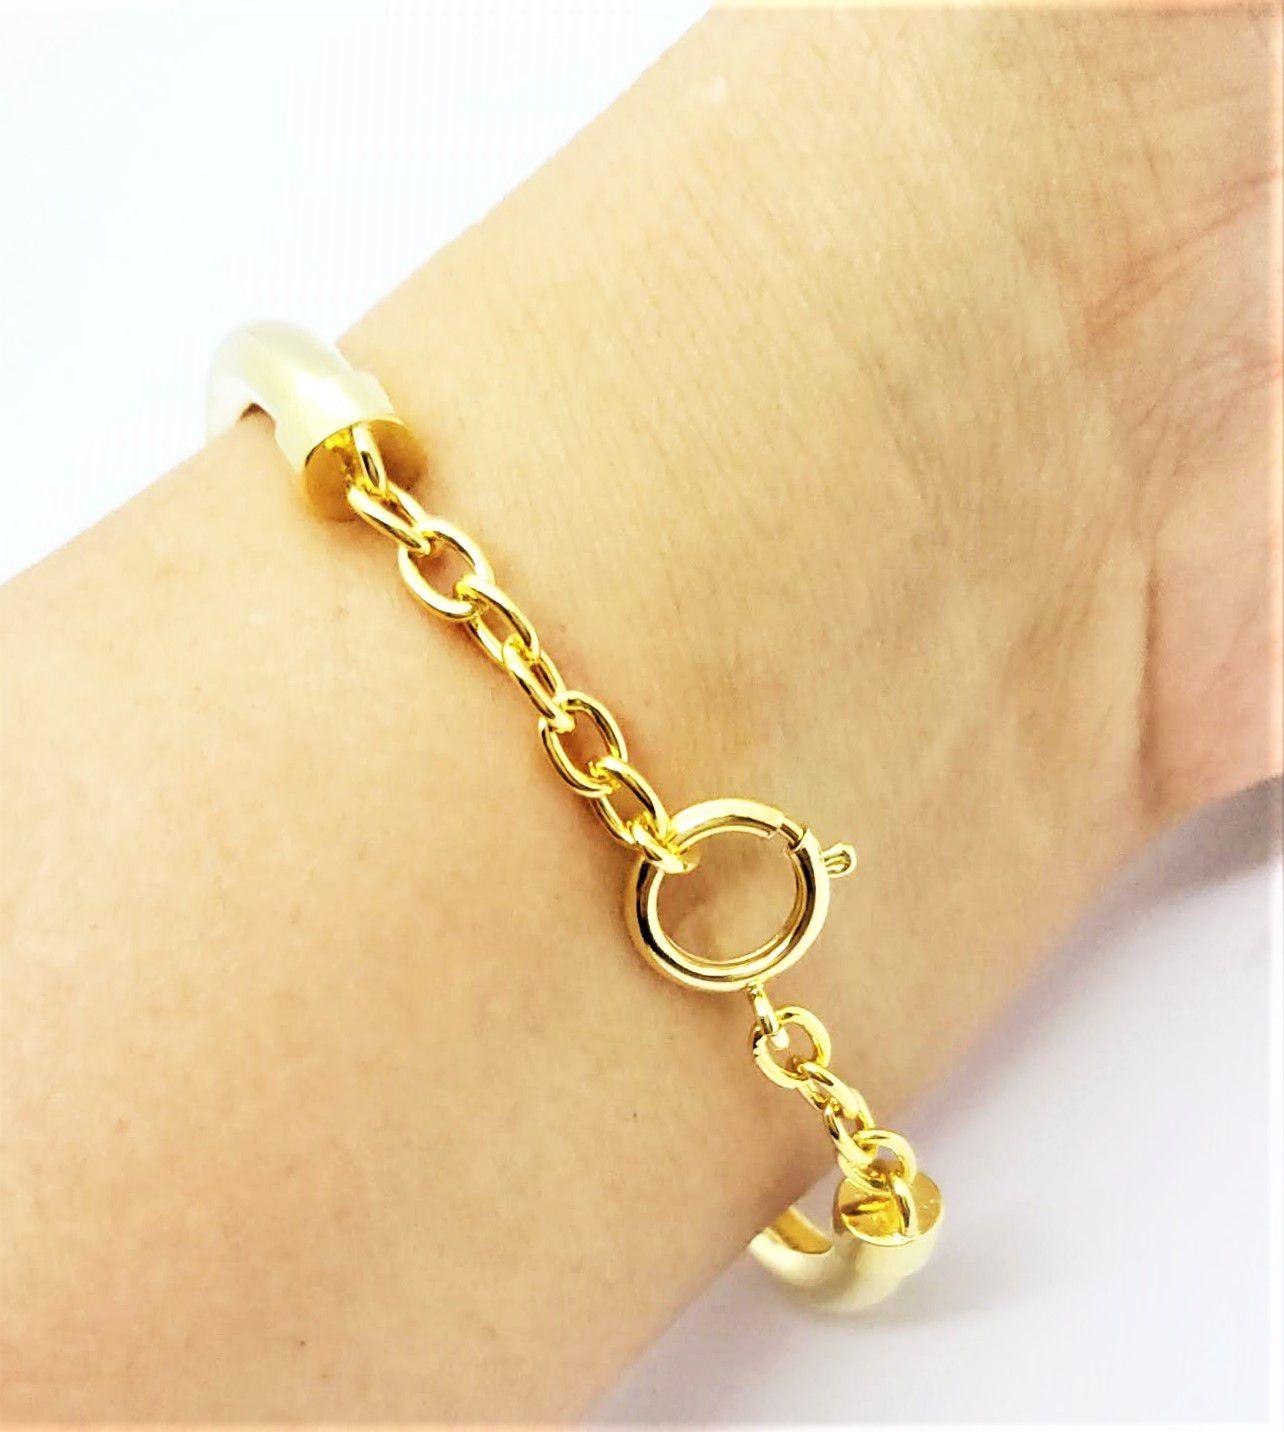 Bracelete Algema Ajustável Cravação Pavé Microzirconias Banho Ouro 18k 4632